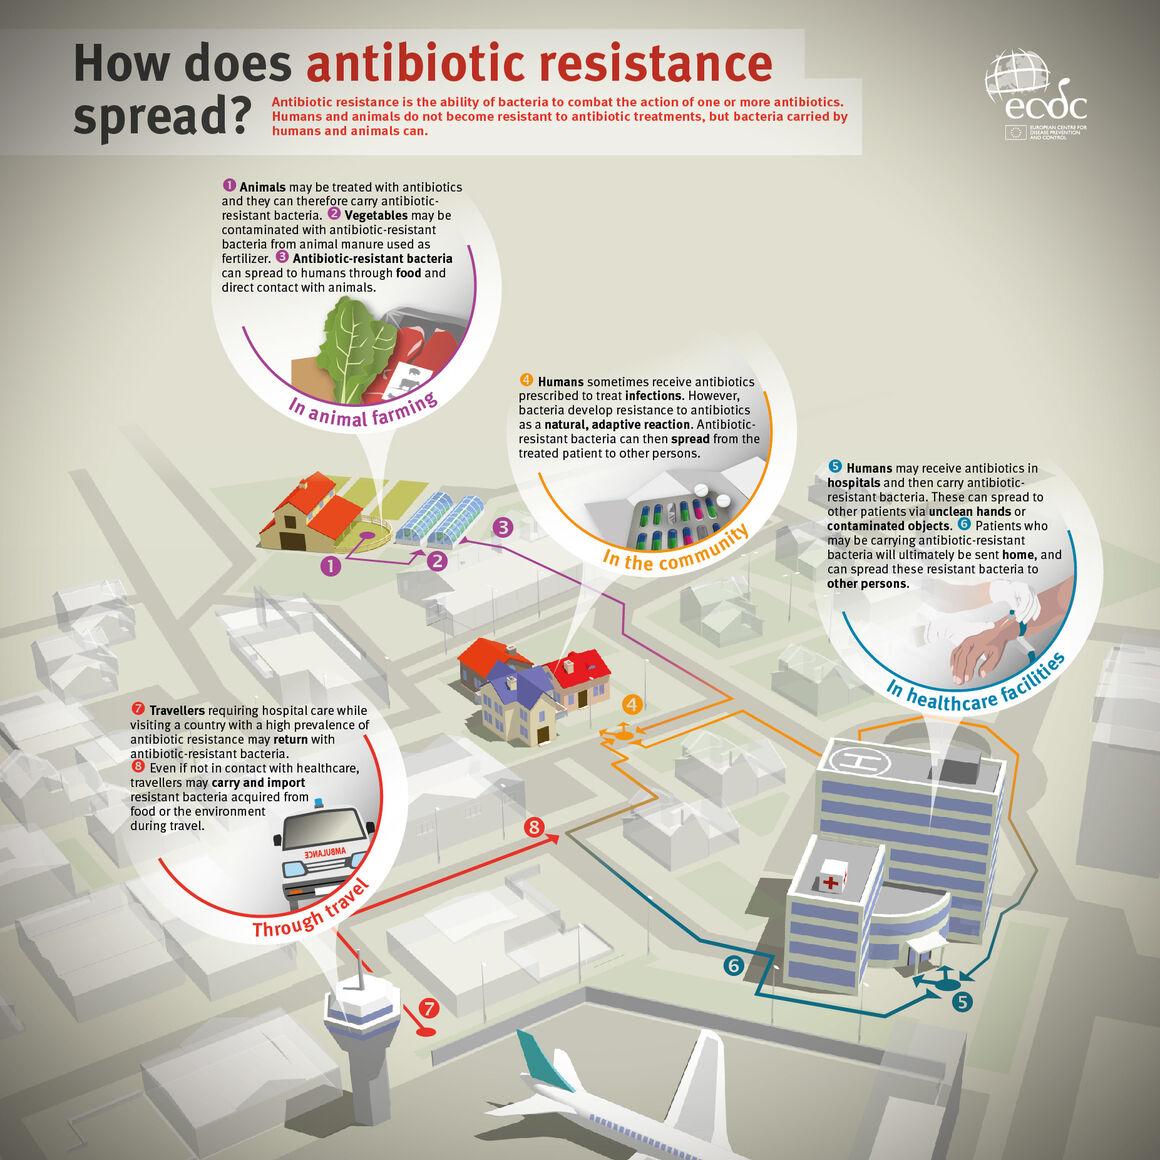 ¿Cómo se propaga la resistencia a los antibióticos?